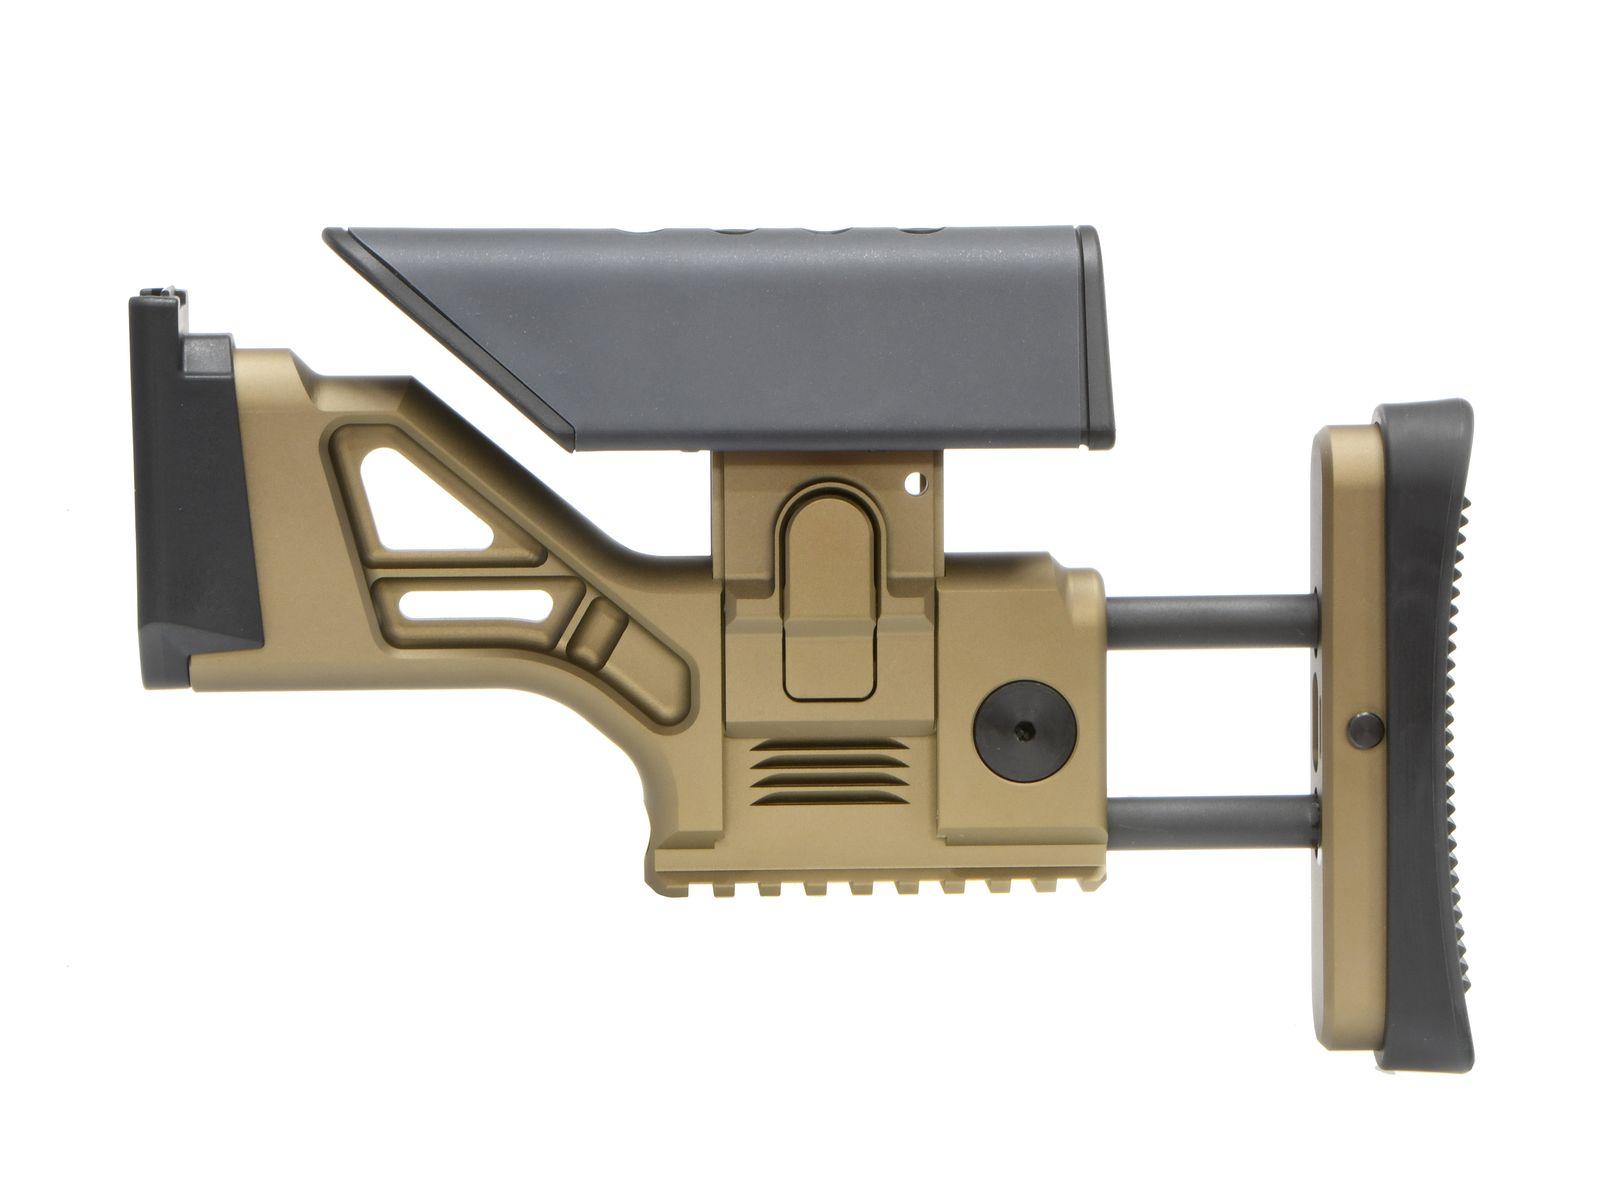 VFC MK20 CNCアルミストック for Cybergun/VFC MK17